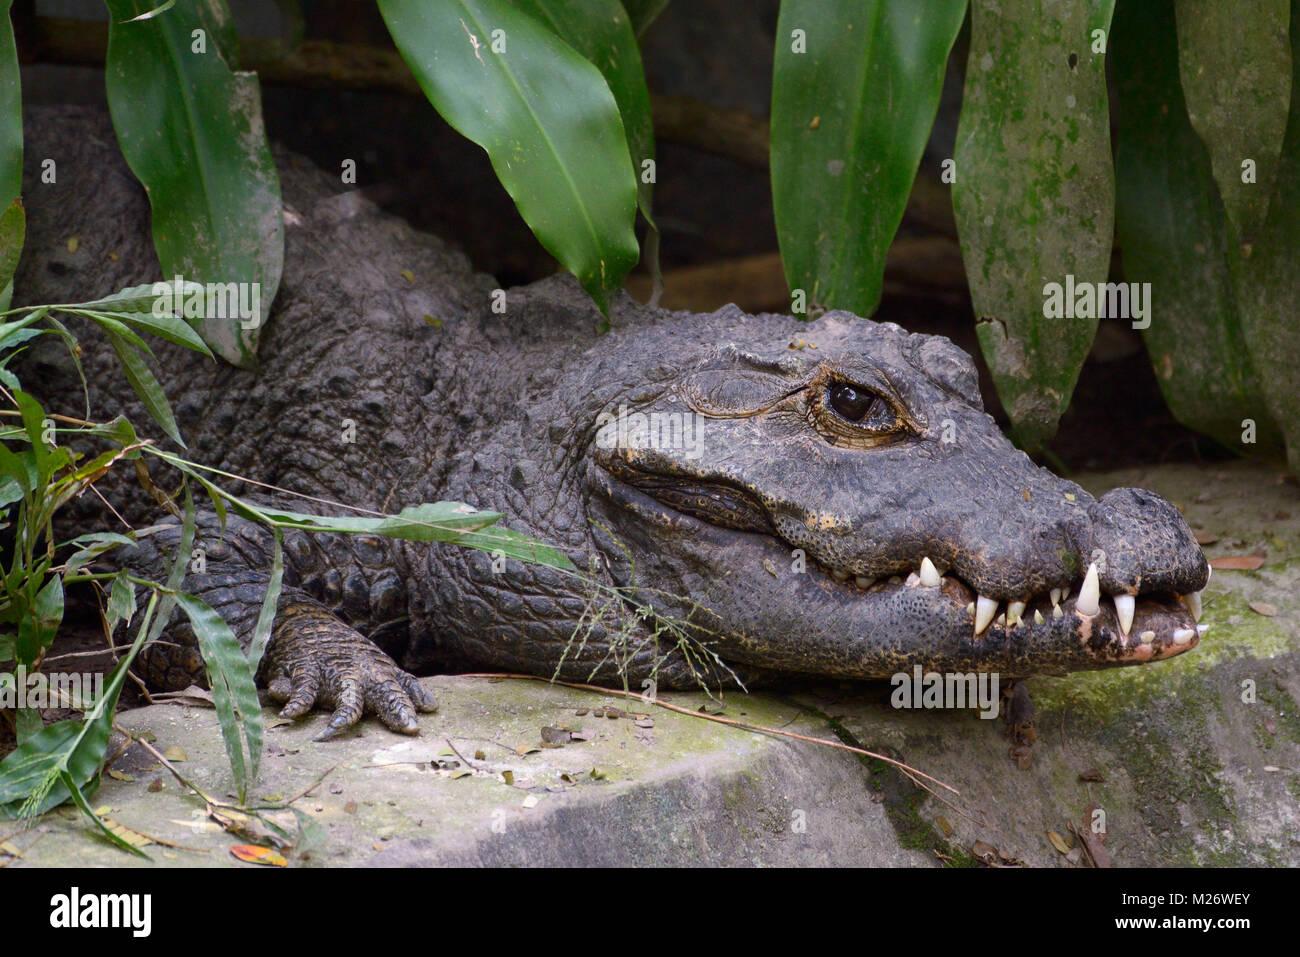 Alligator crawling on the ground - Stock Image